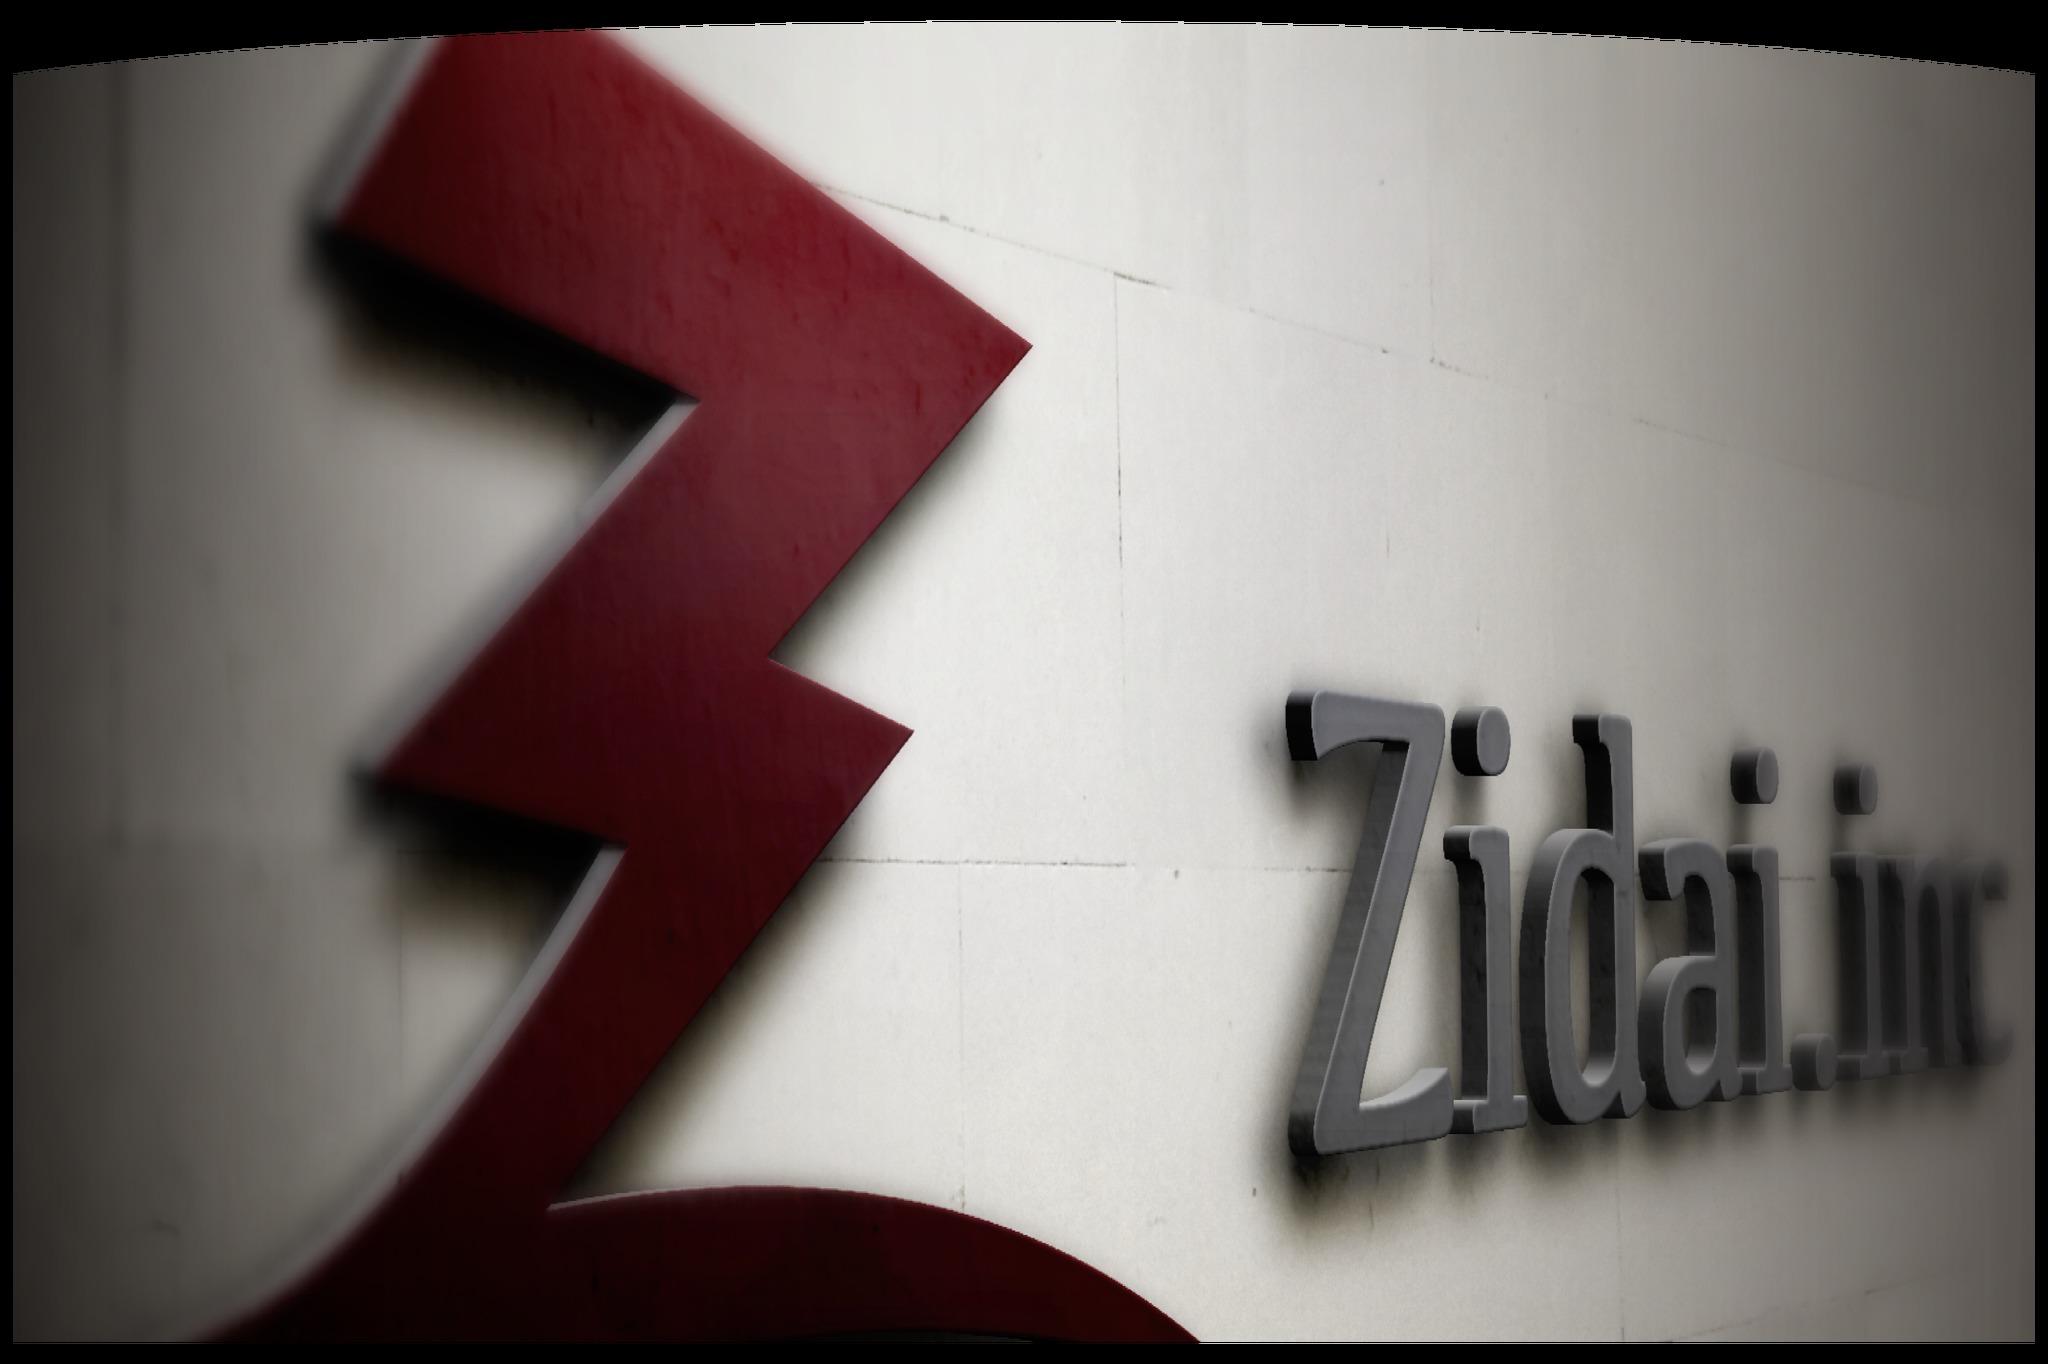 Zidai 株式会社